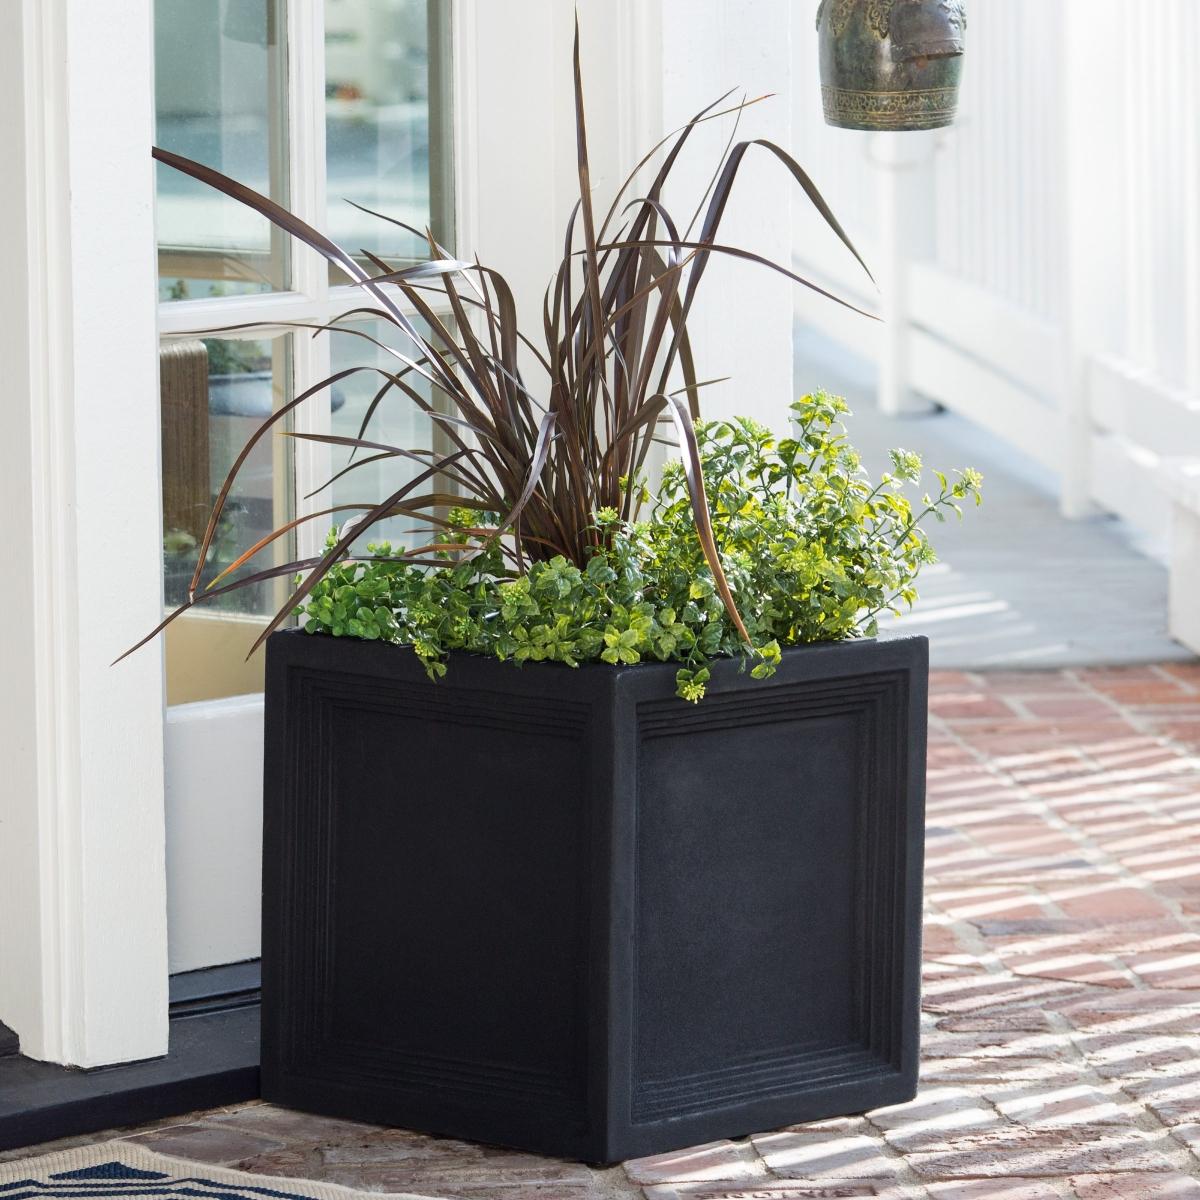 Belham-Living-Fiber-Clay-Caterina-Square-Planter